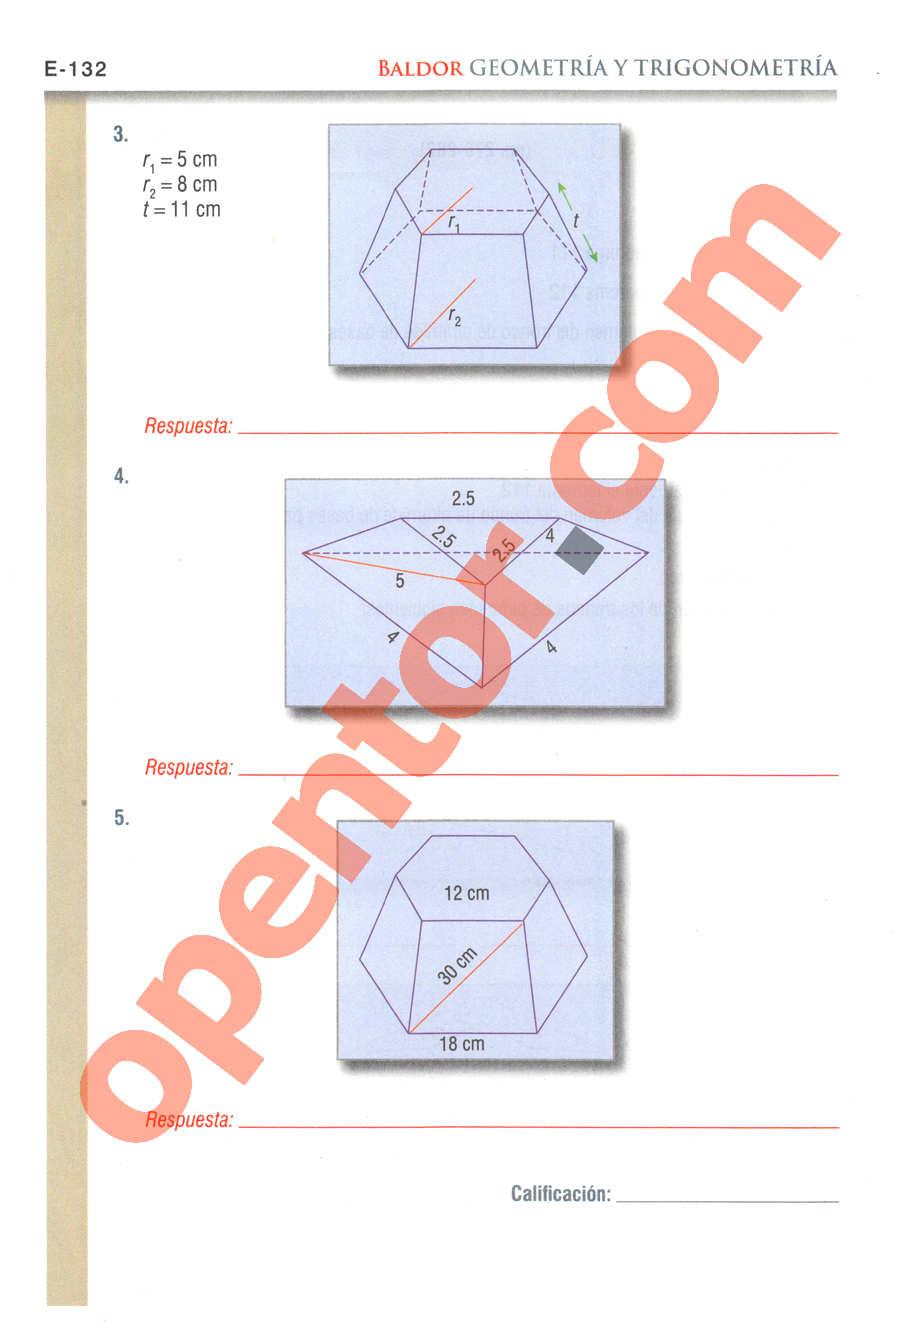 Geometría y Trigonometría de Baldor - Página E132